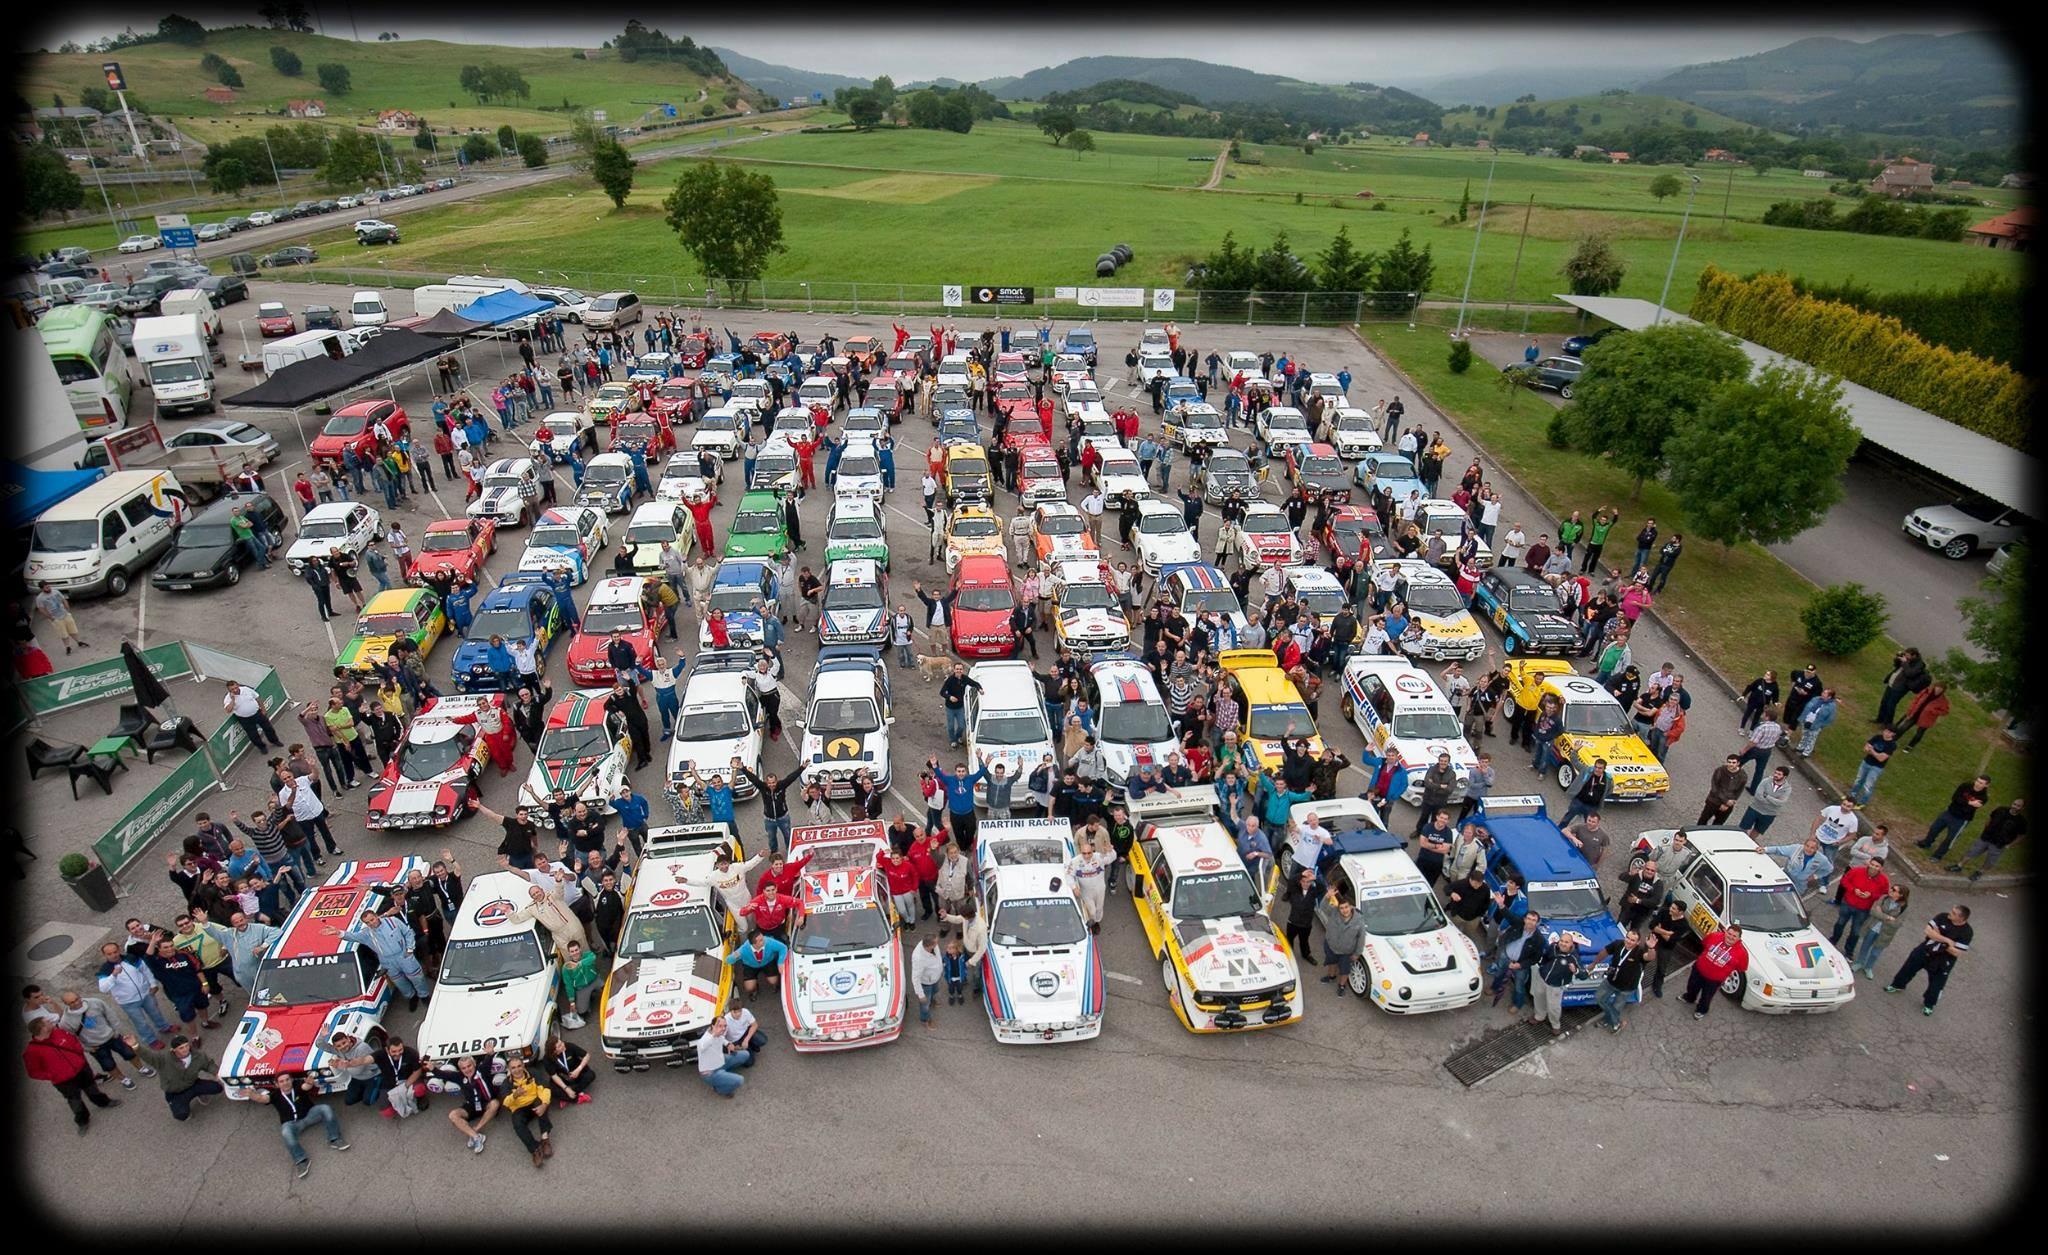 Rallye Festival Trasmiera (4,5 y 6 de Junio de 2015) - Página 10 CHy512KWcAAlnQB